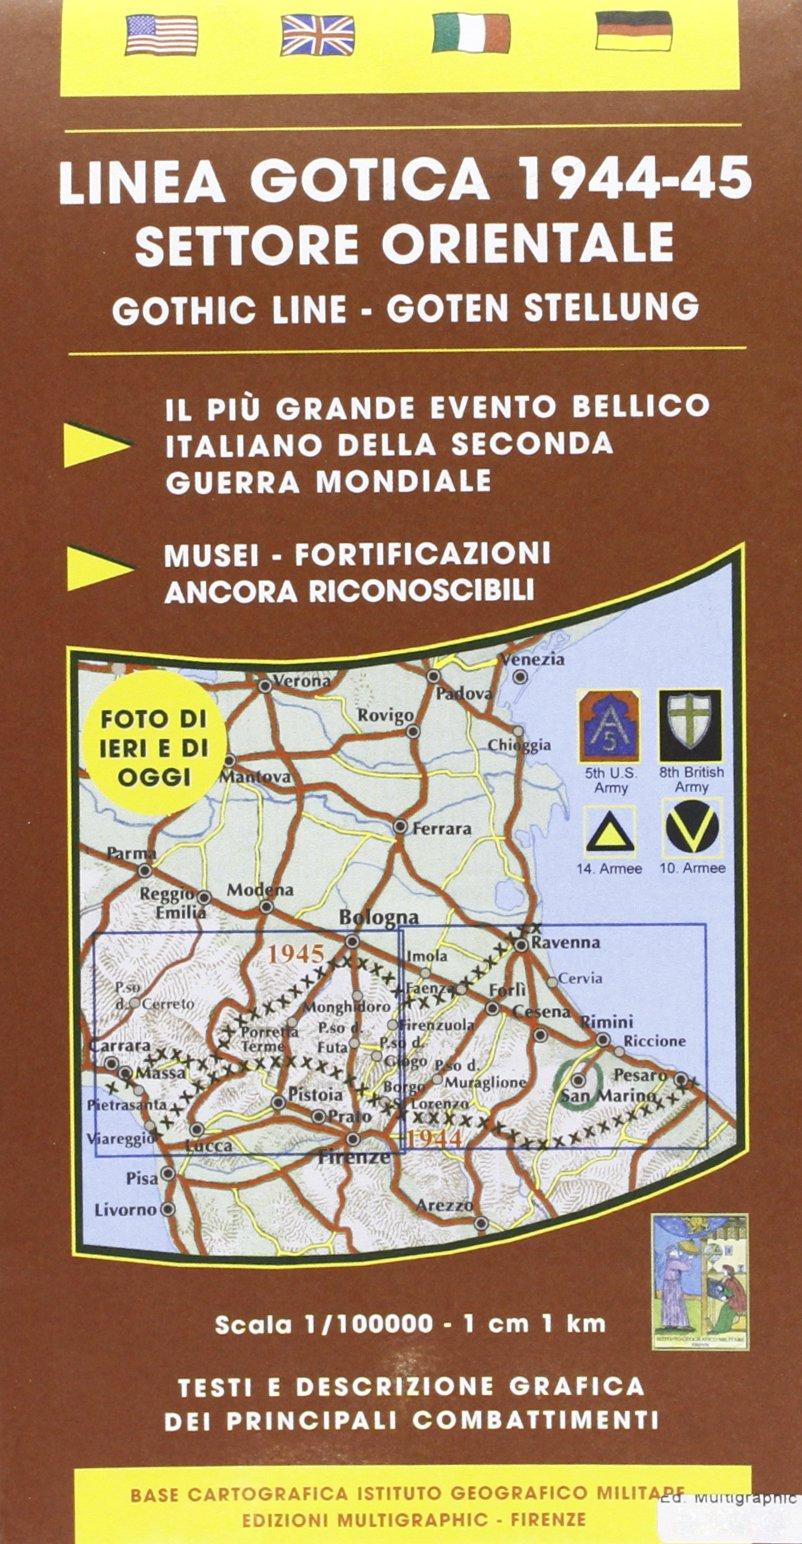 Linea gotica 1944-45. Settore orientale 1:100.000